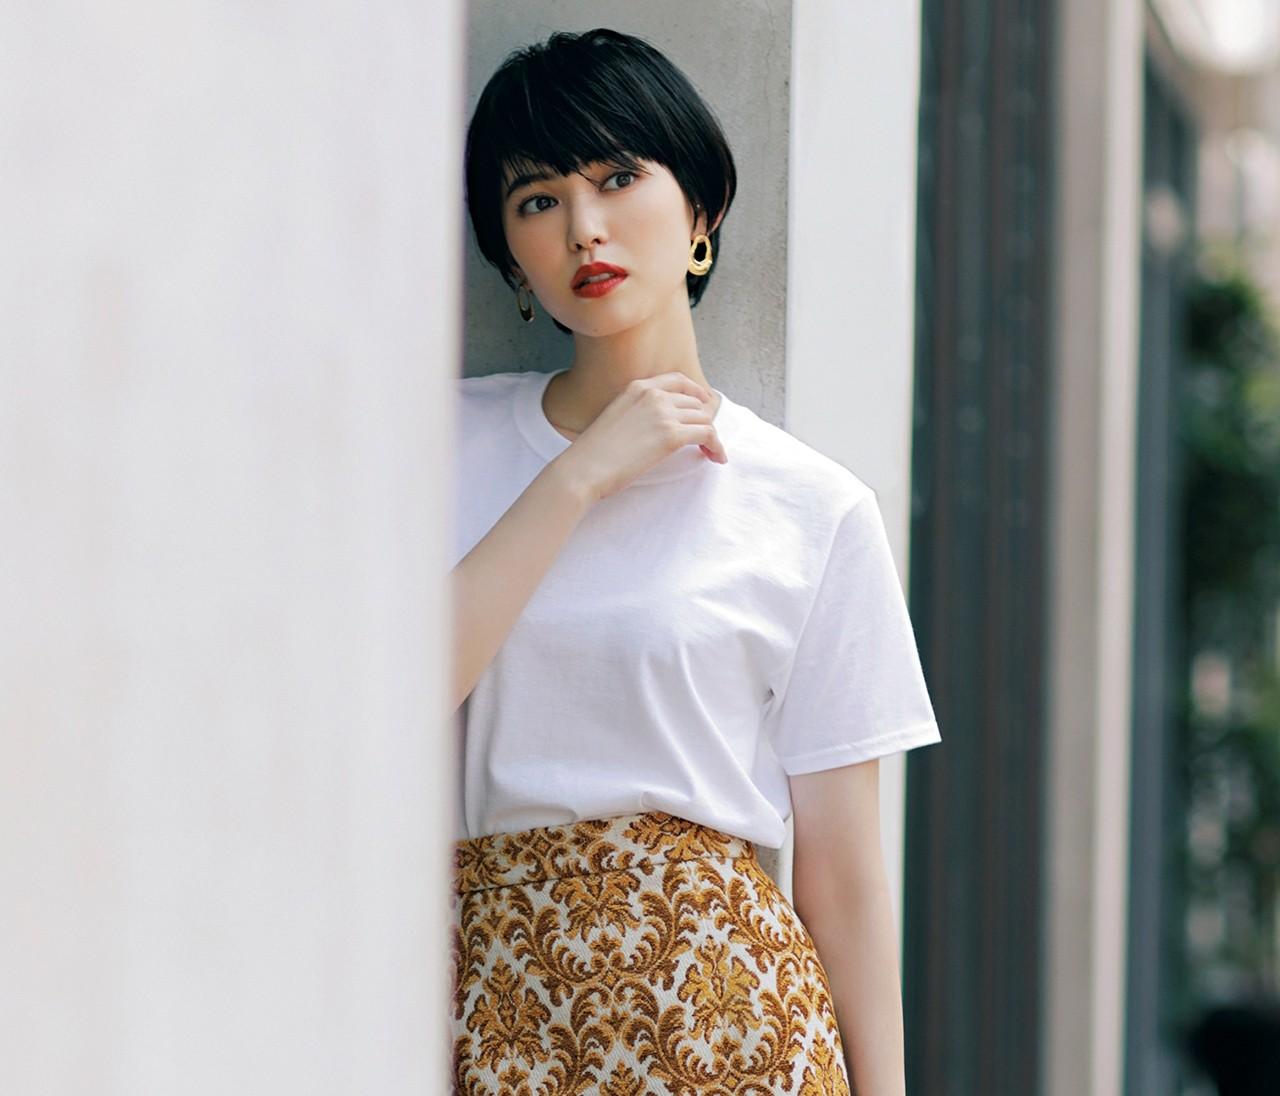 「白Tシャツ×レディなスカート」でつくるクラシカルスタイル